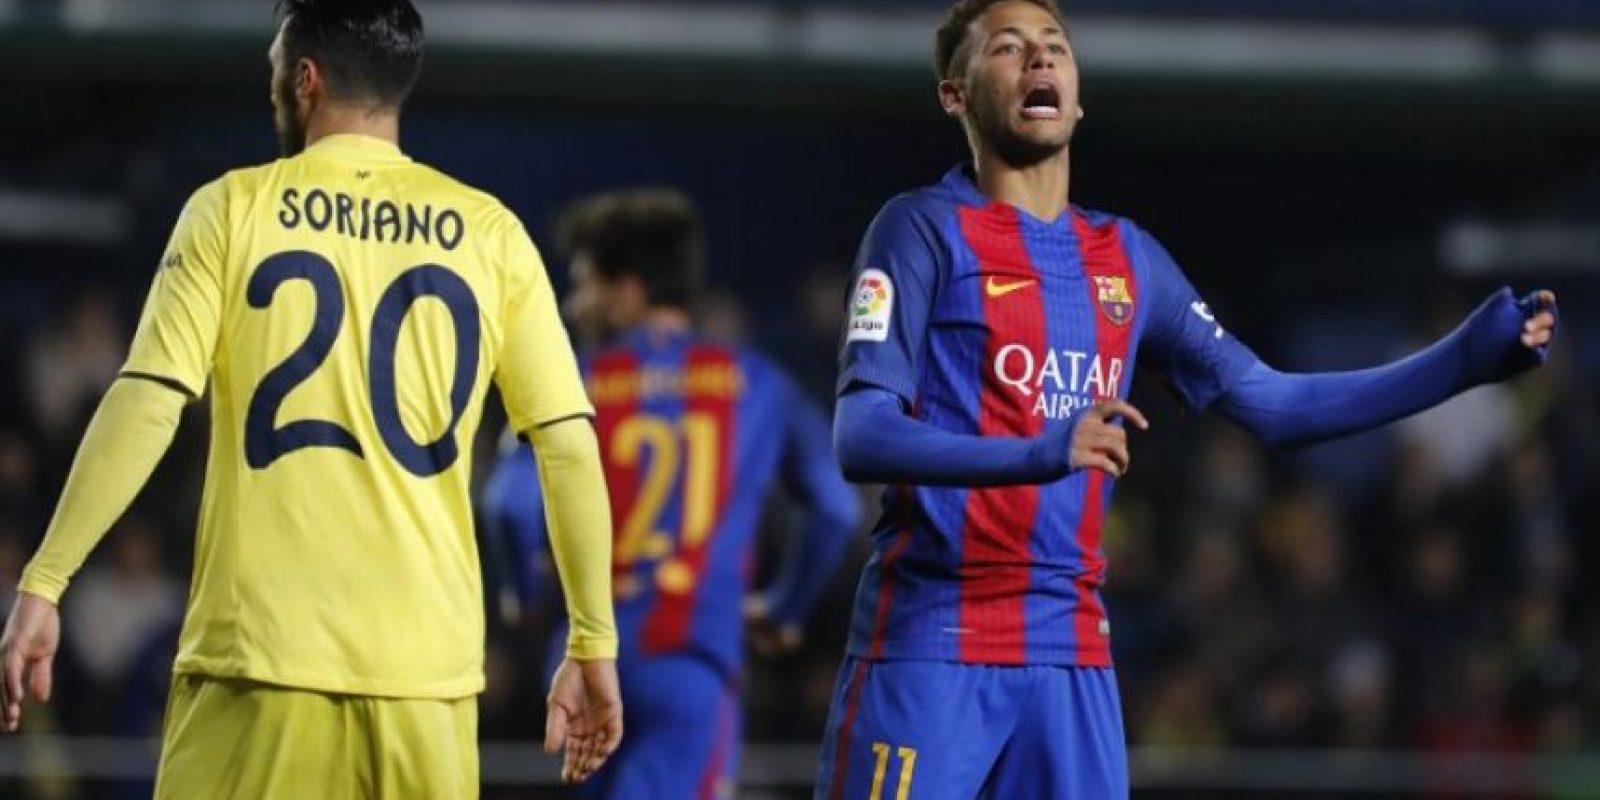 El cuadro azulgrana no ha encontrado su mejor forma y este domingo empató contra el Villarreal en su reaparición en la Liga. Foto:AFP